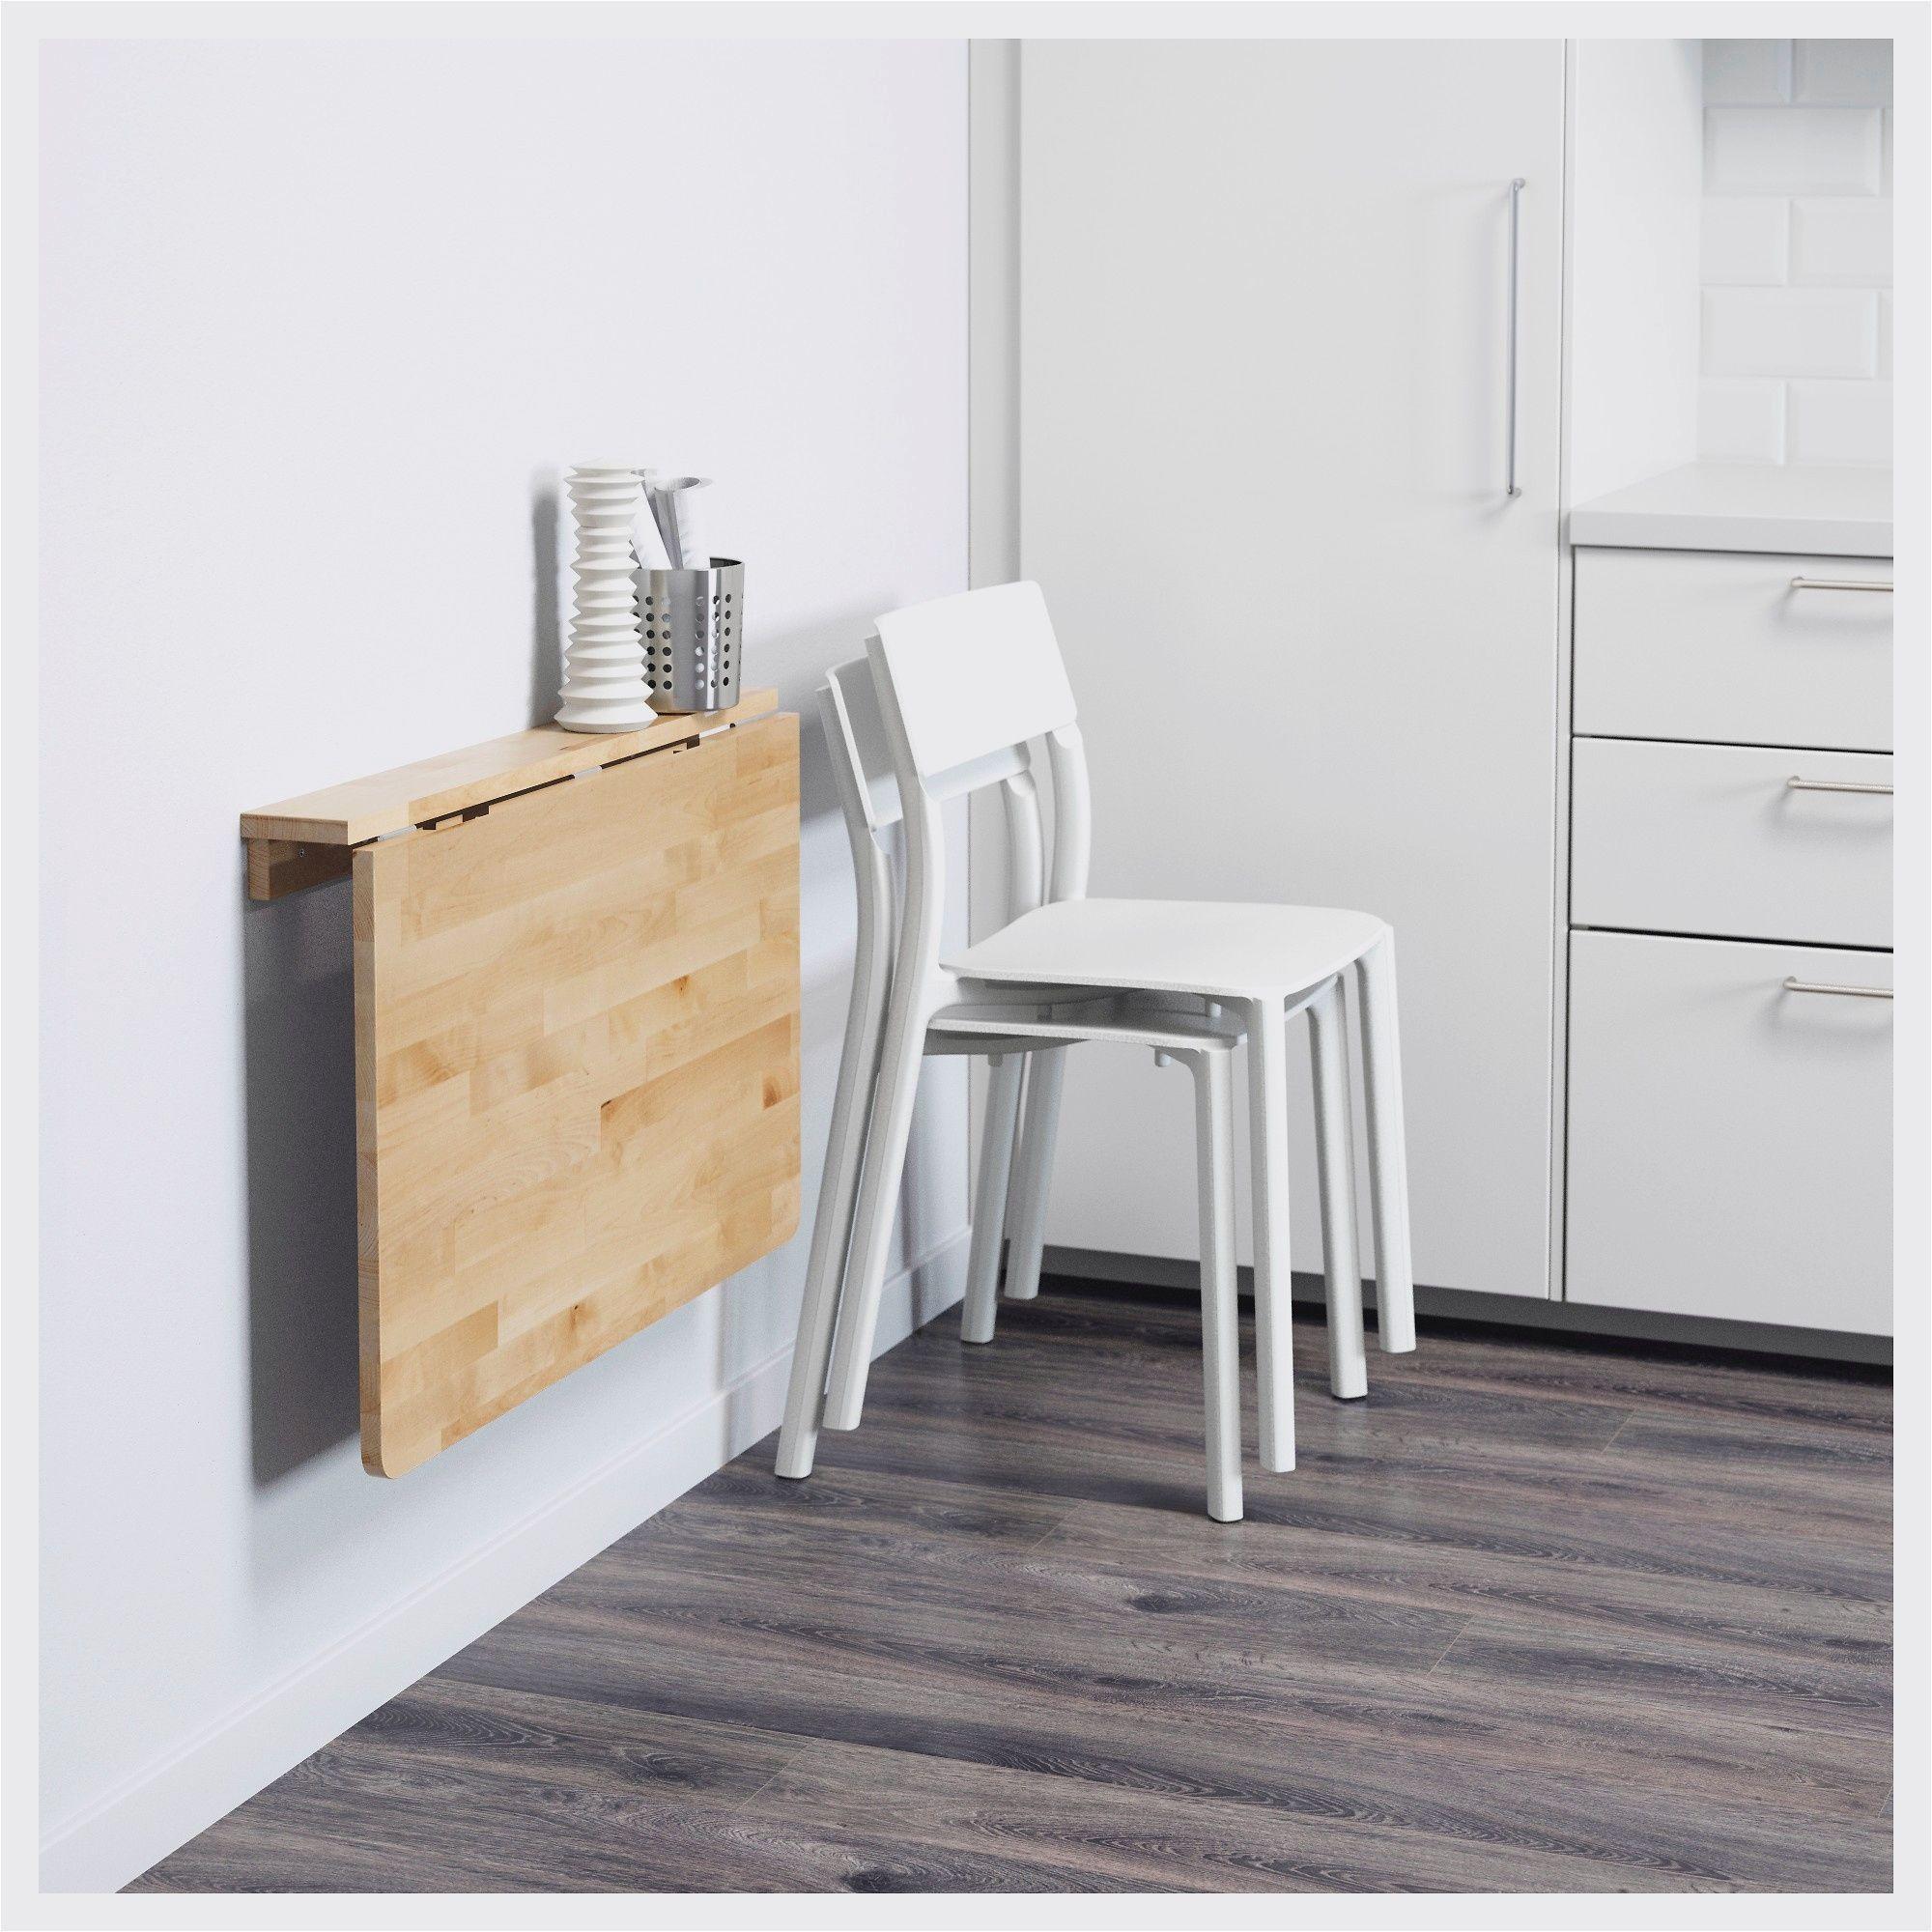 Armoire Lit Escamotable Ikea Armoire Lit Escamotable Ikea Armoire Armoire En Bois A Du Vecu Mais En Tres Bon Etat Il Y Kitchen Design House Design Furniture